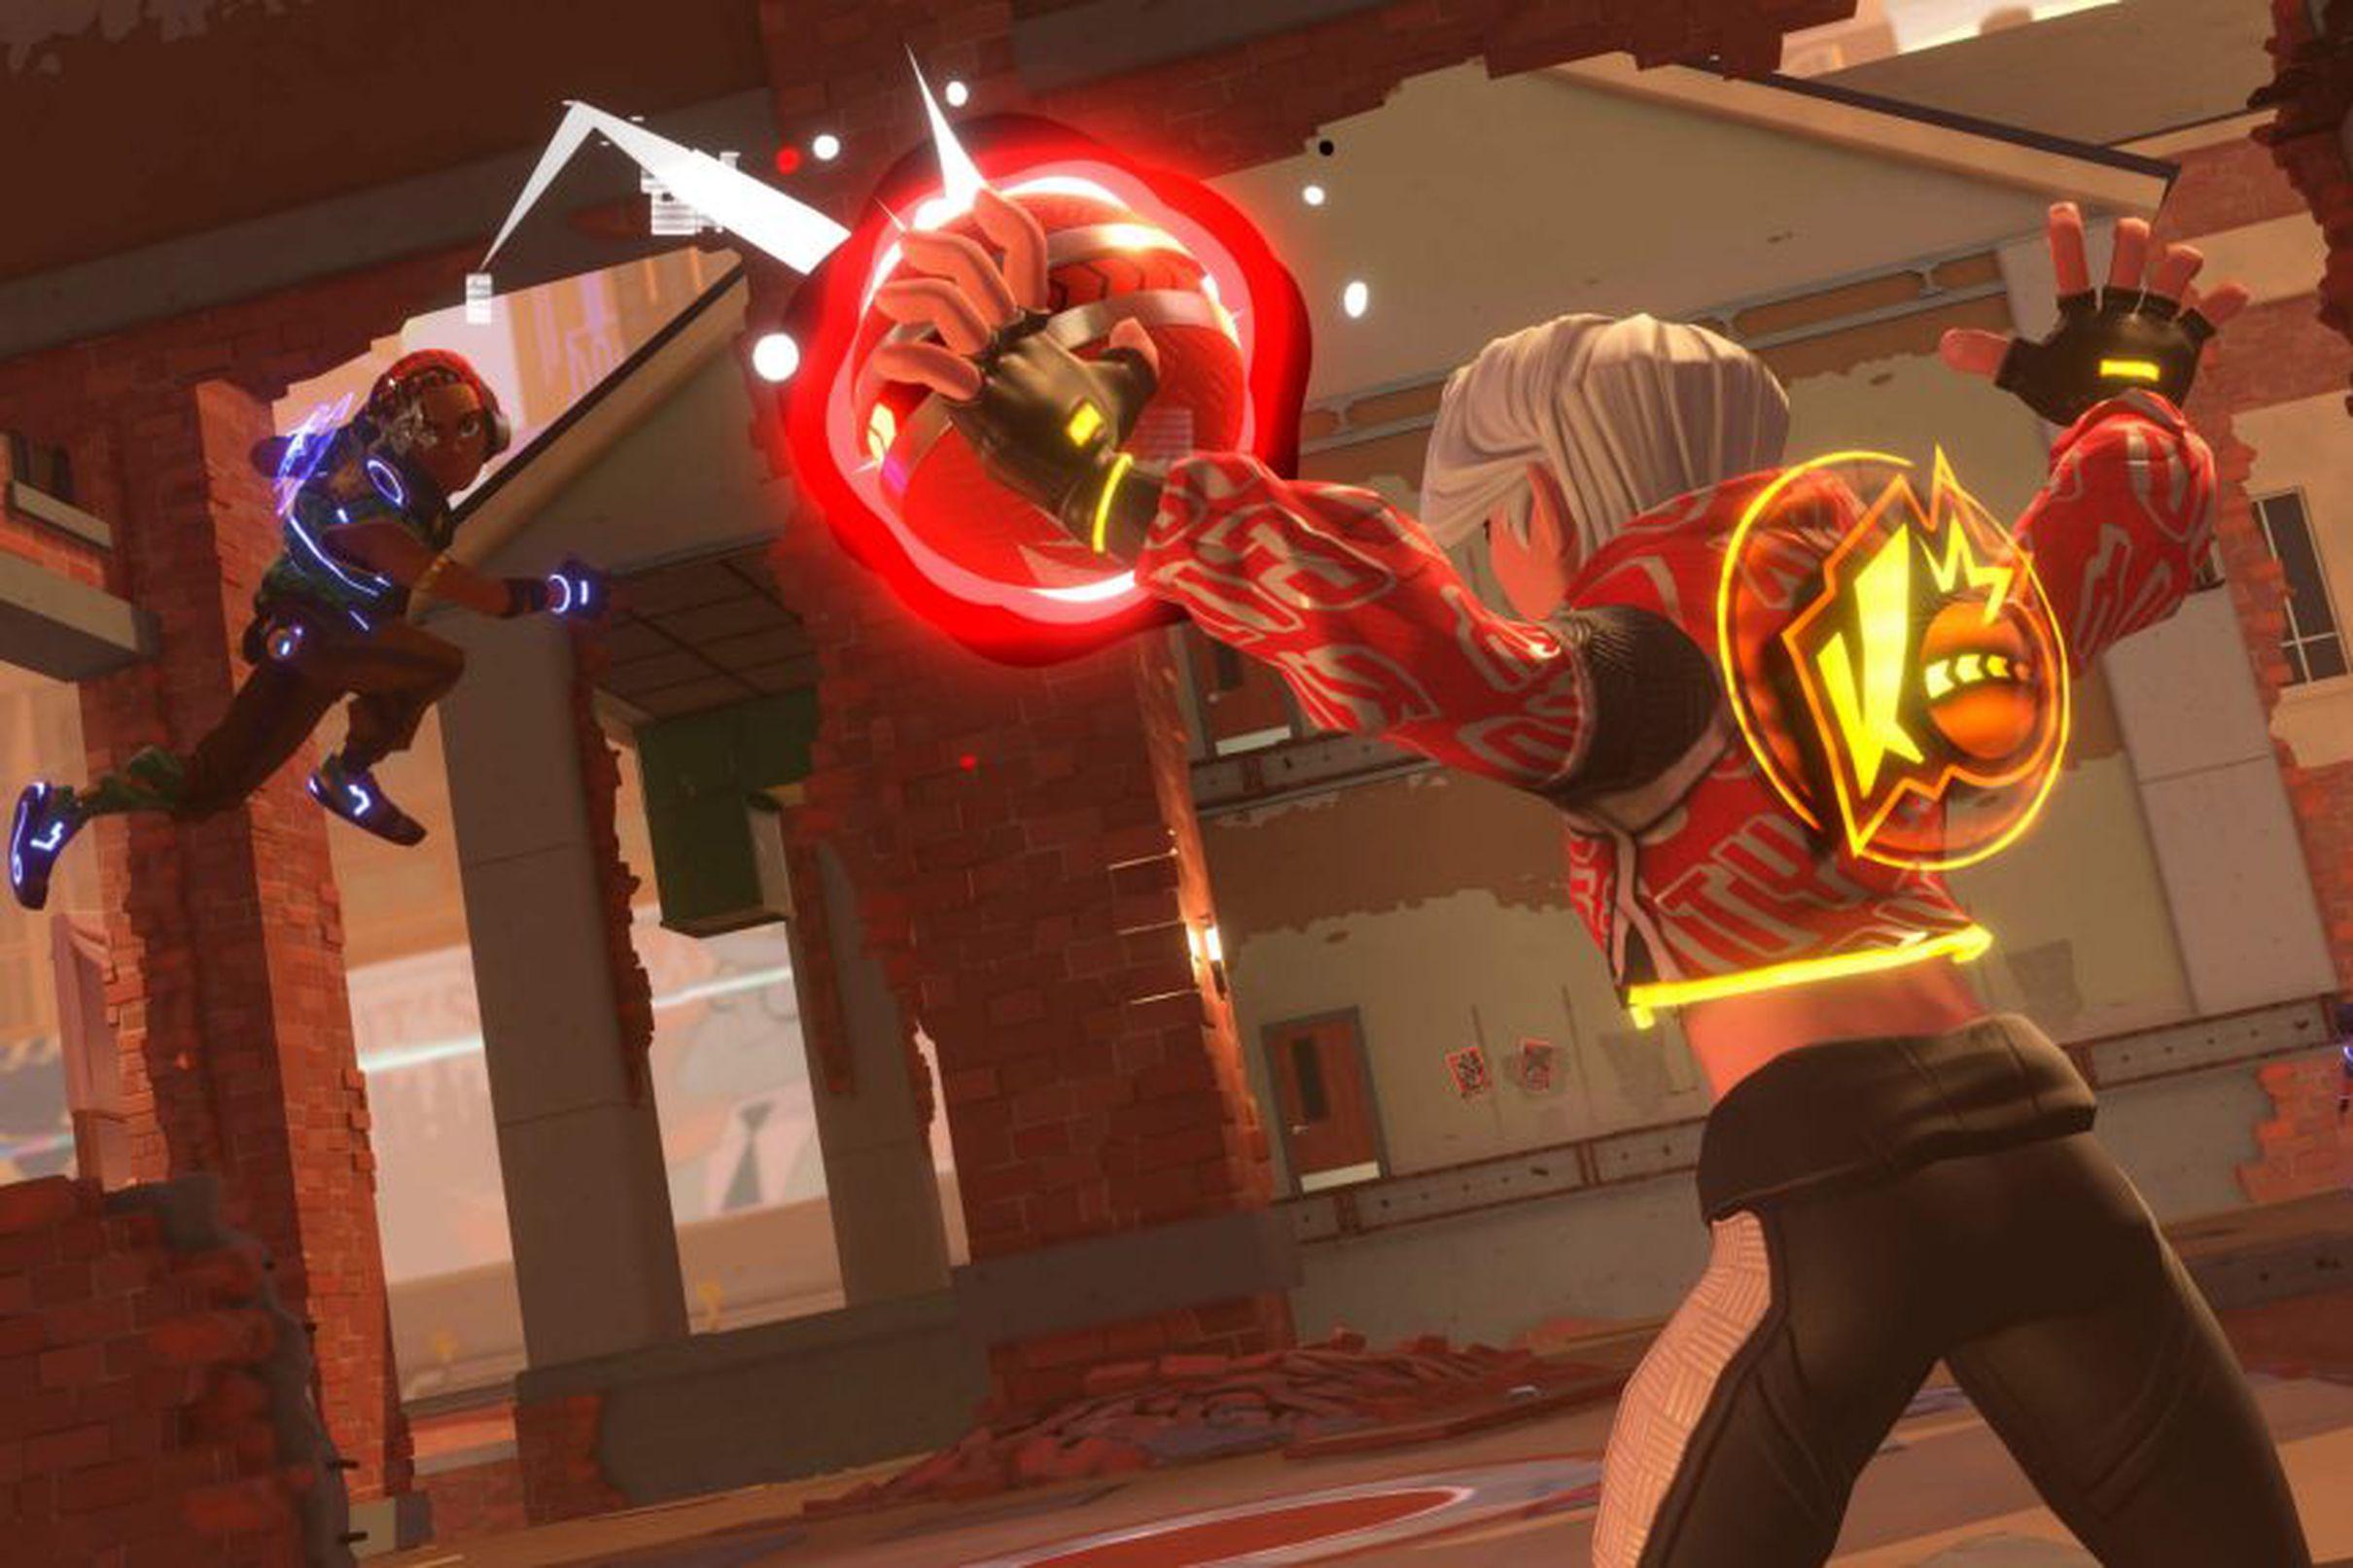 Скриншот из игры EA - Knockout City.